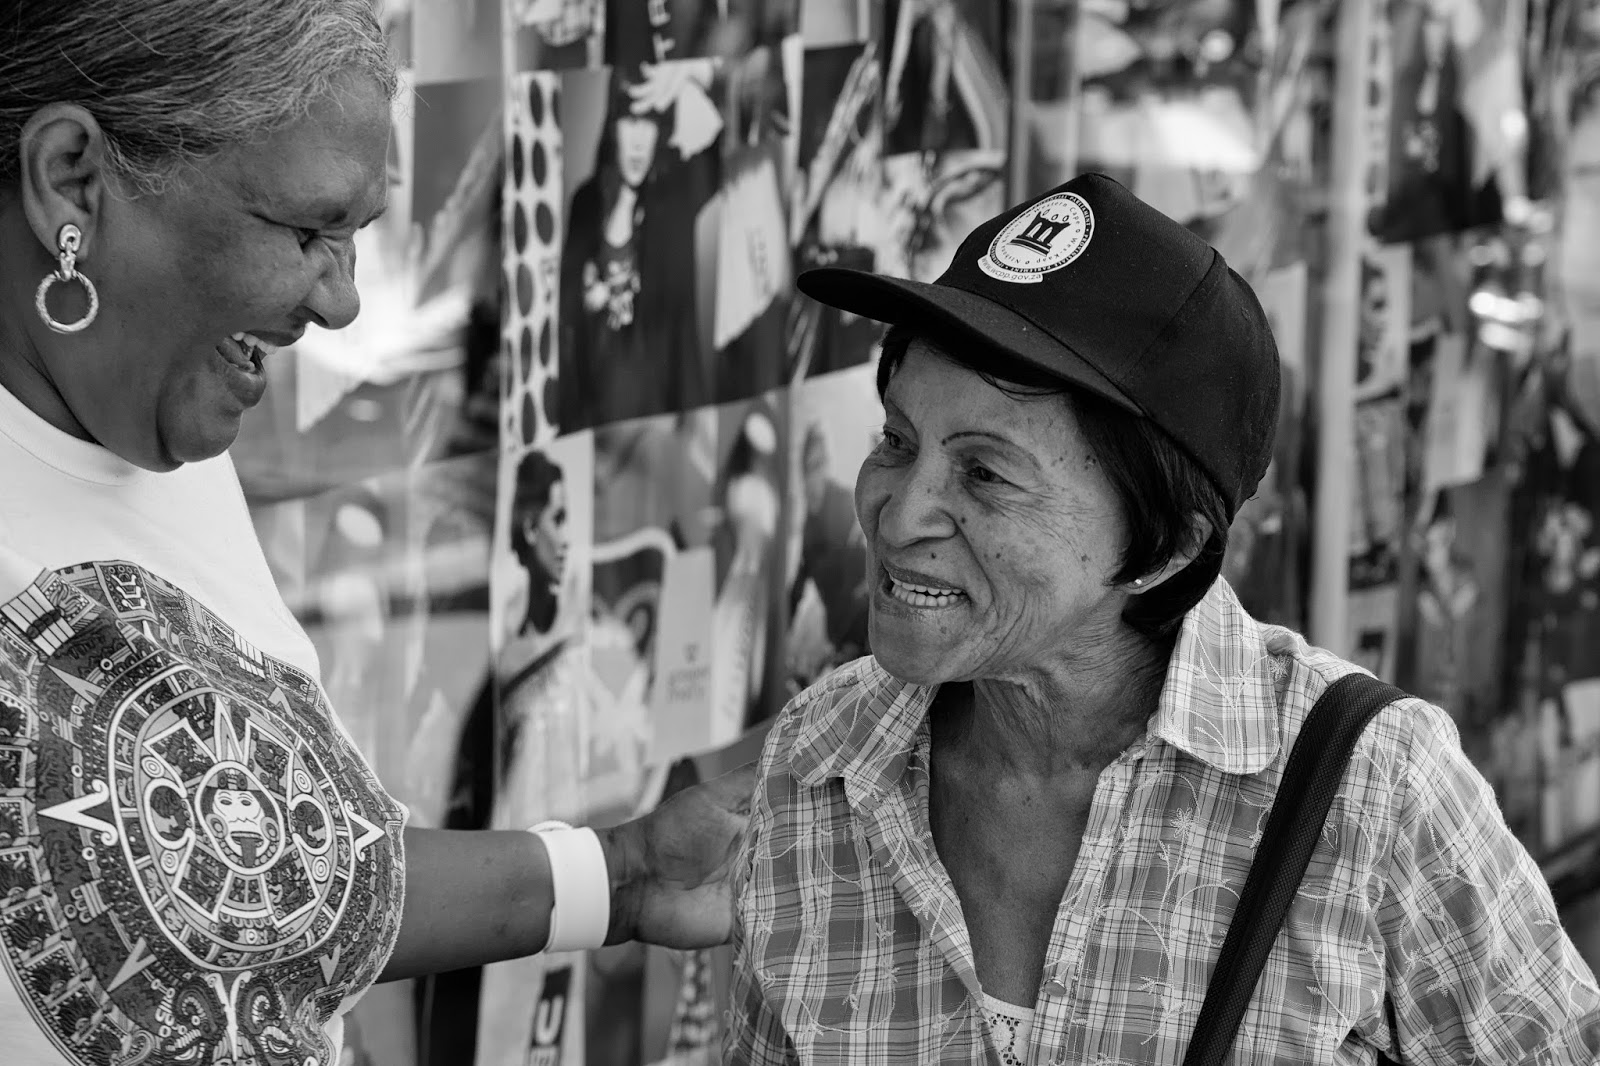 Two women share a joke.